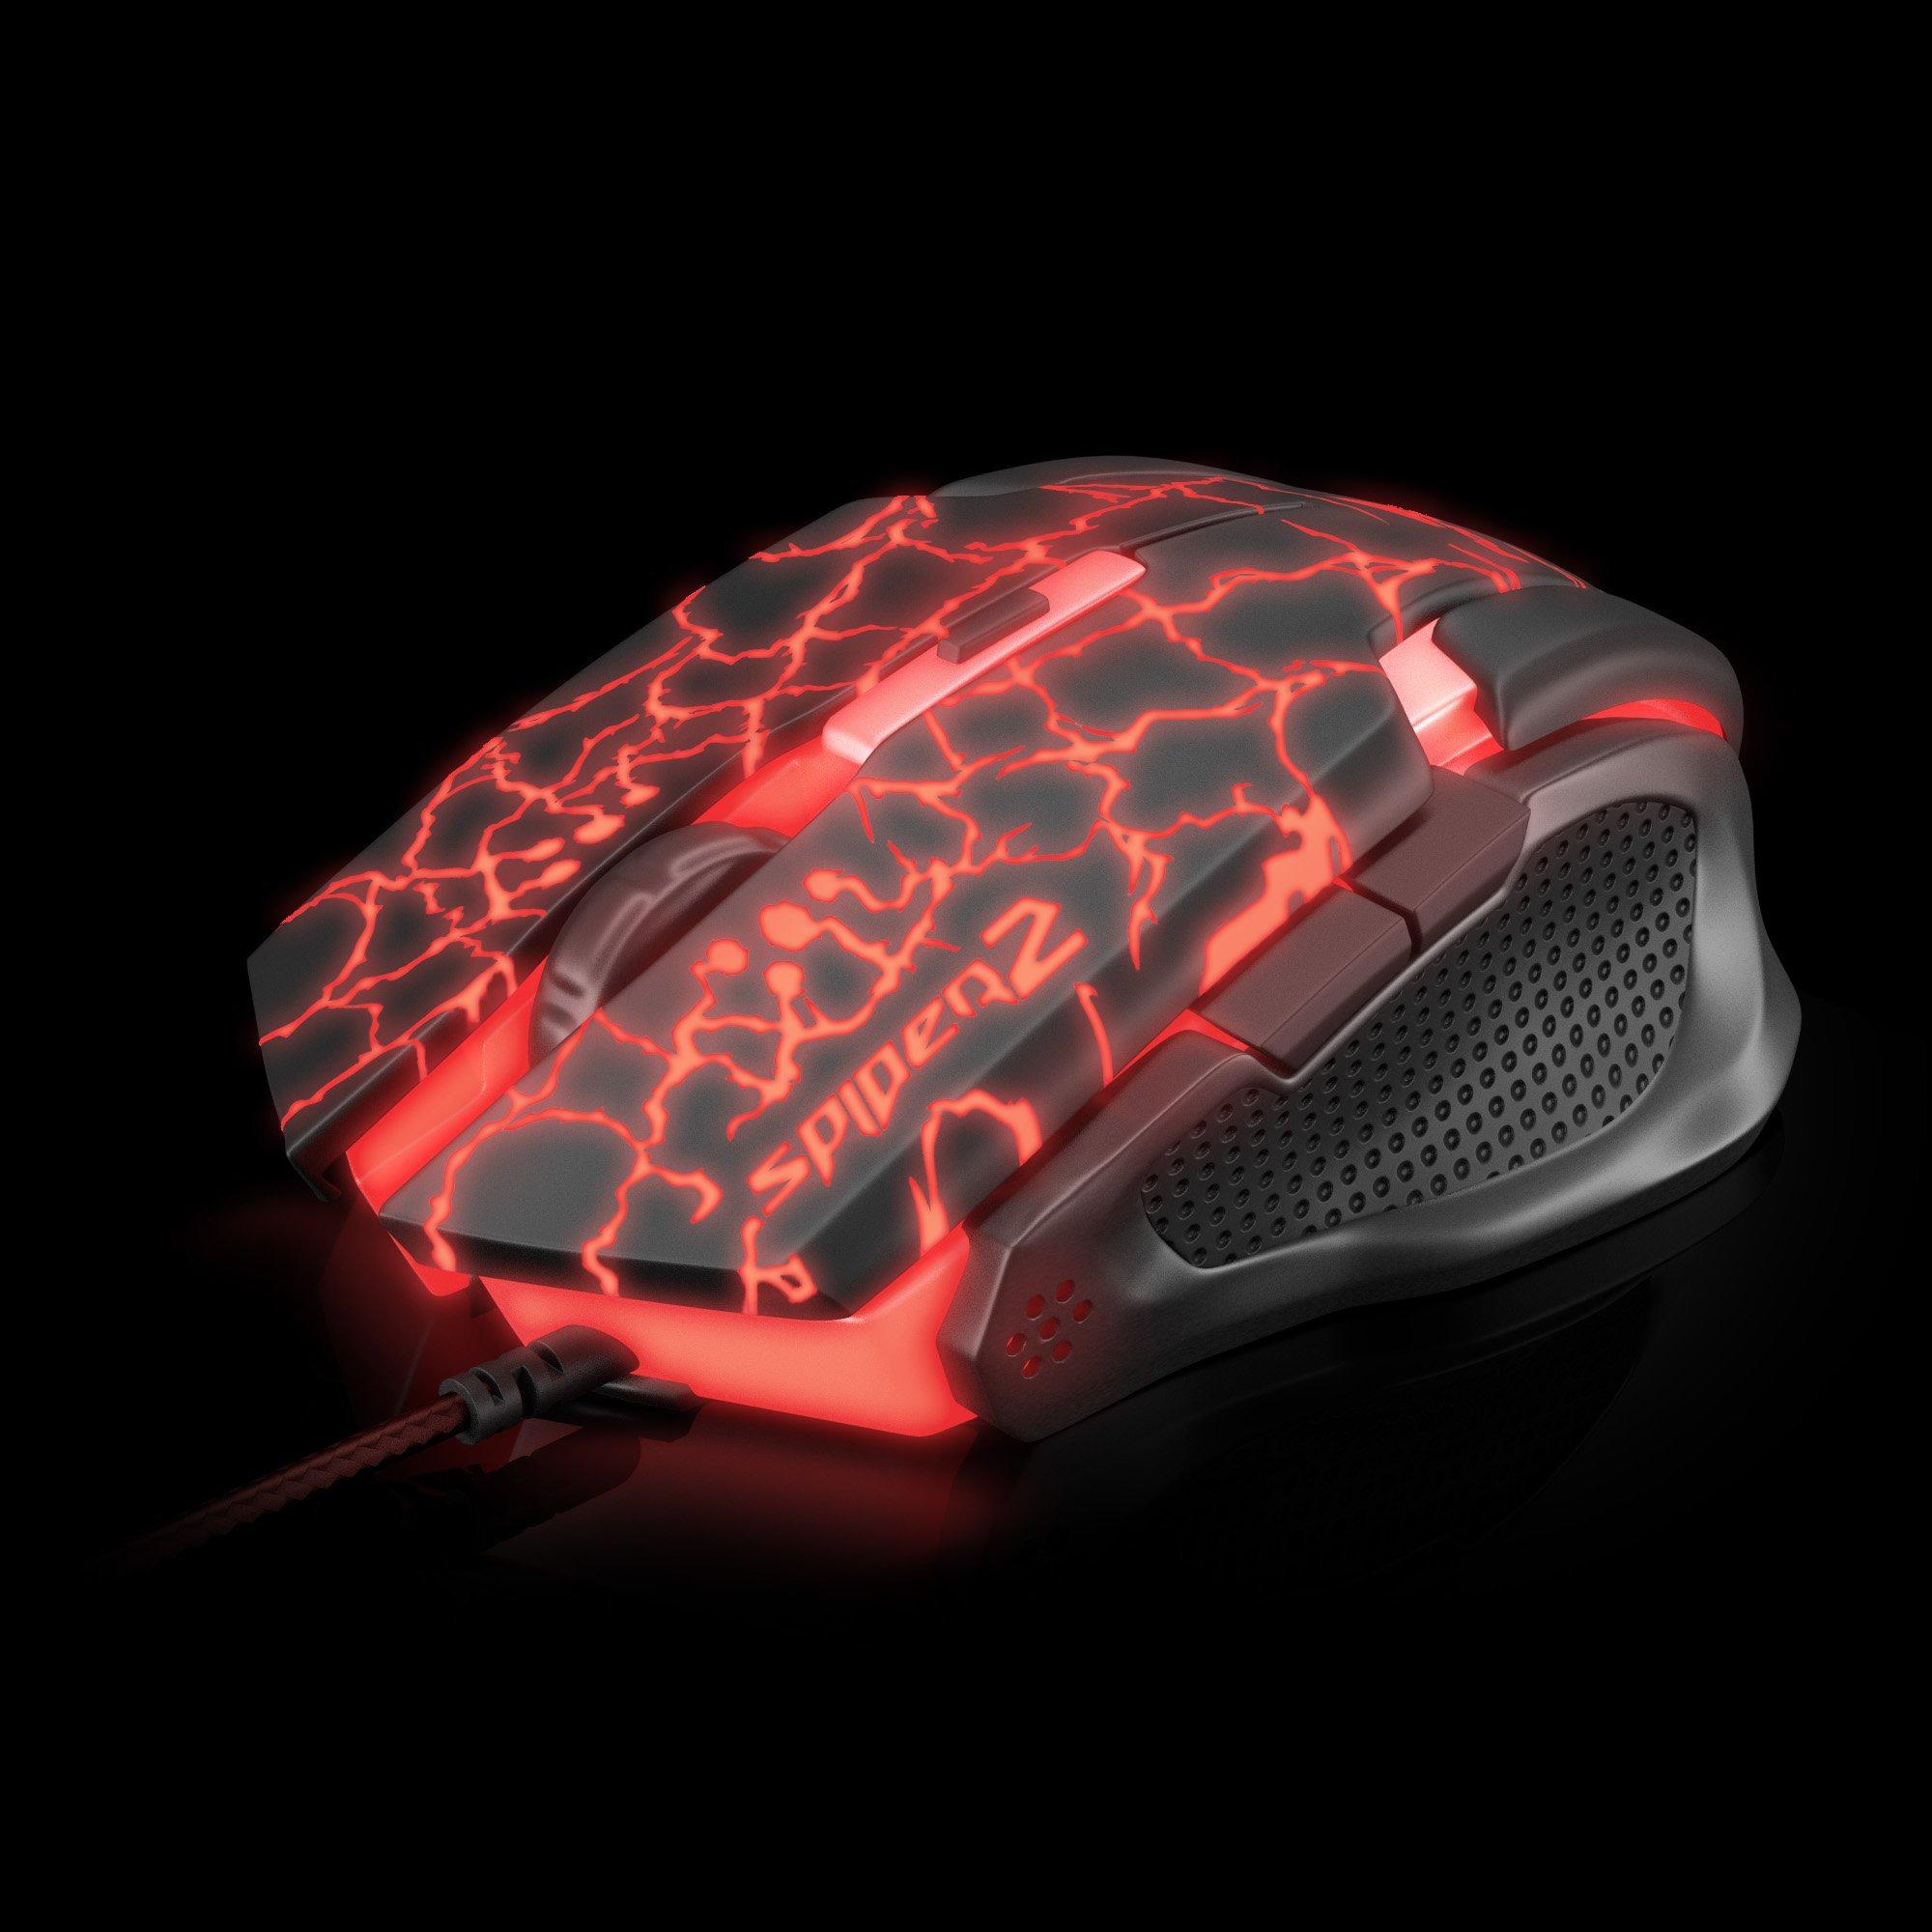 mouse usb gamer oferta quente preto vermelho fortrek 2 om 705 3200dpi spider 42929 2000 181185